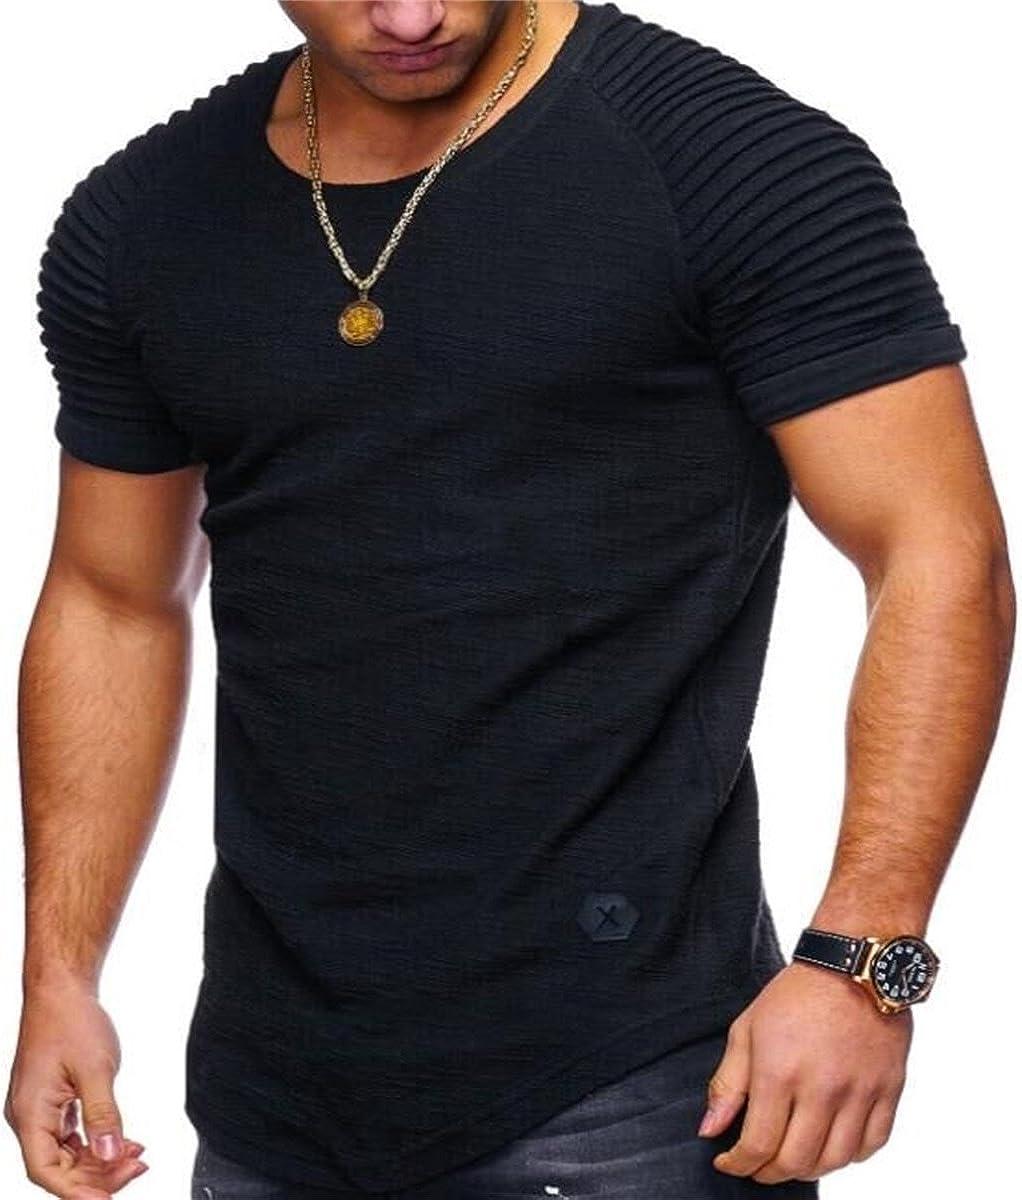 Rcdxing Camiseta de manga corta con hombros descubiertos y cuello redondo fruncido de hombre negro para Hombres Ropa: Amazon.es: Ropa y accesorios